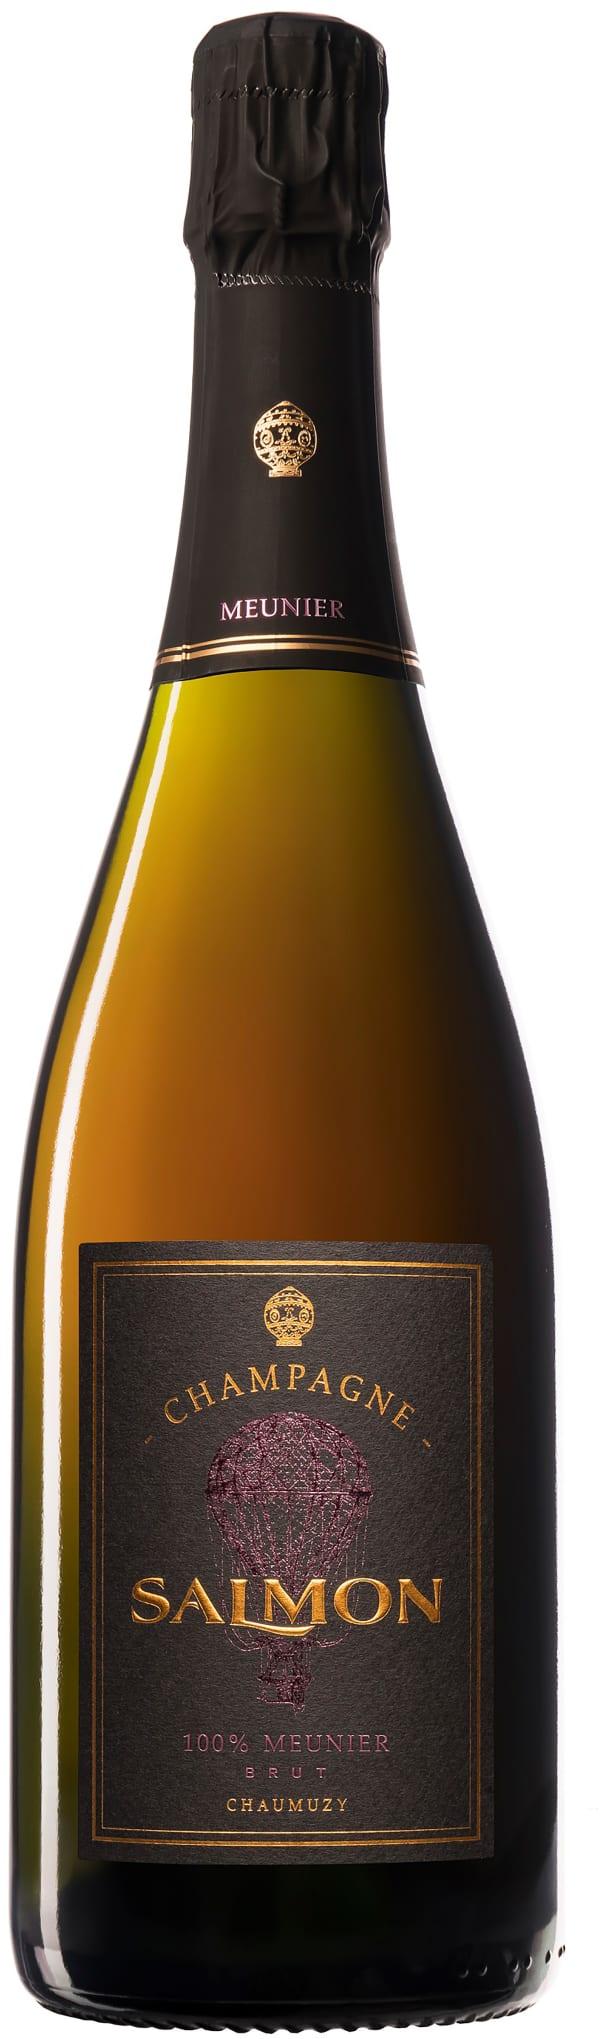 Salmon Meunier Rosé Champagne Brut